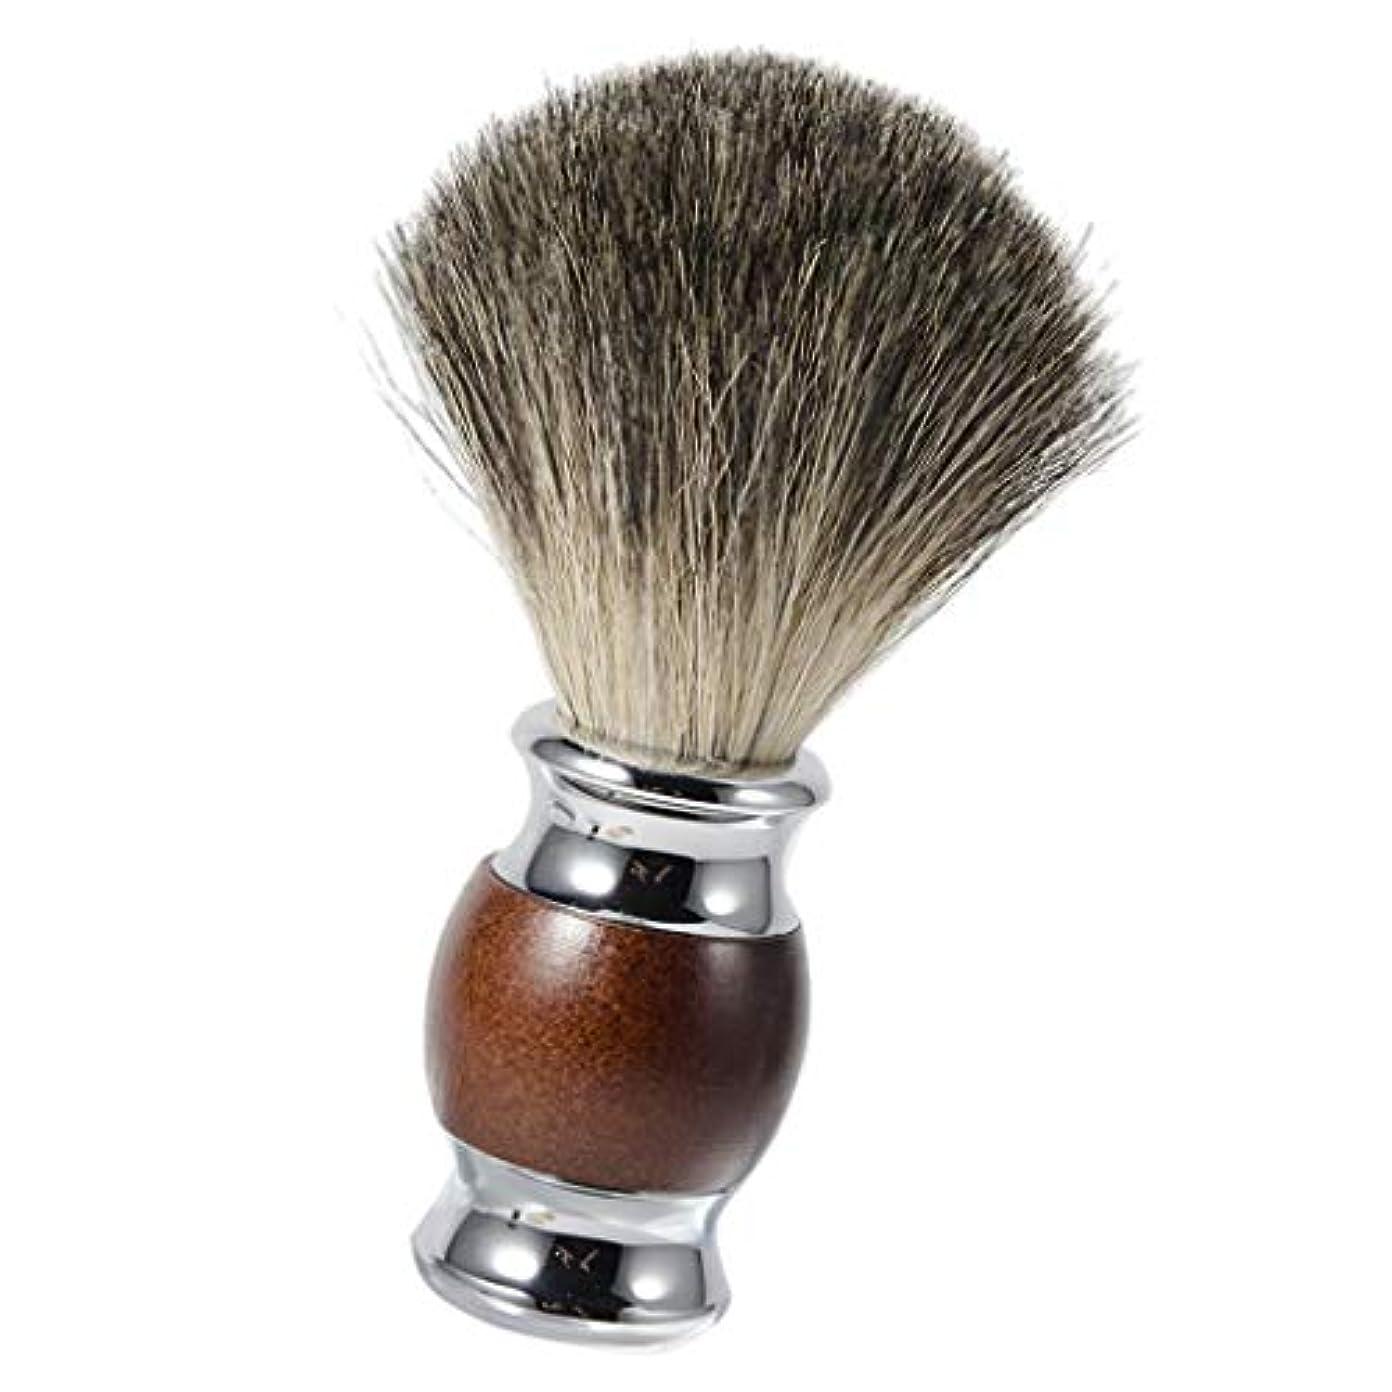 ミリメーター警戒組み合わせるシェービング用ブラシ シェービングブラシ メンズ 理容 洗顔 髭剃り シェービング用アクセサリー